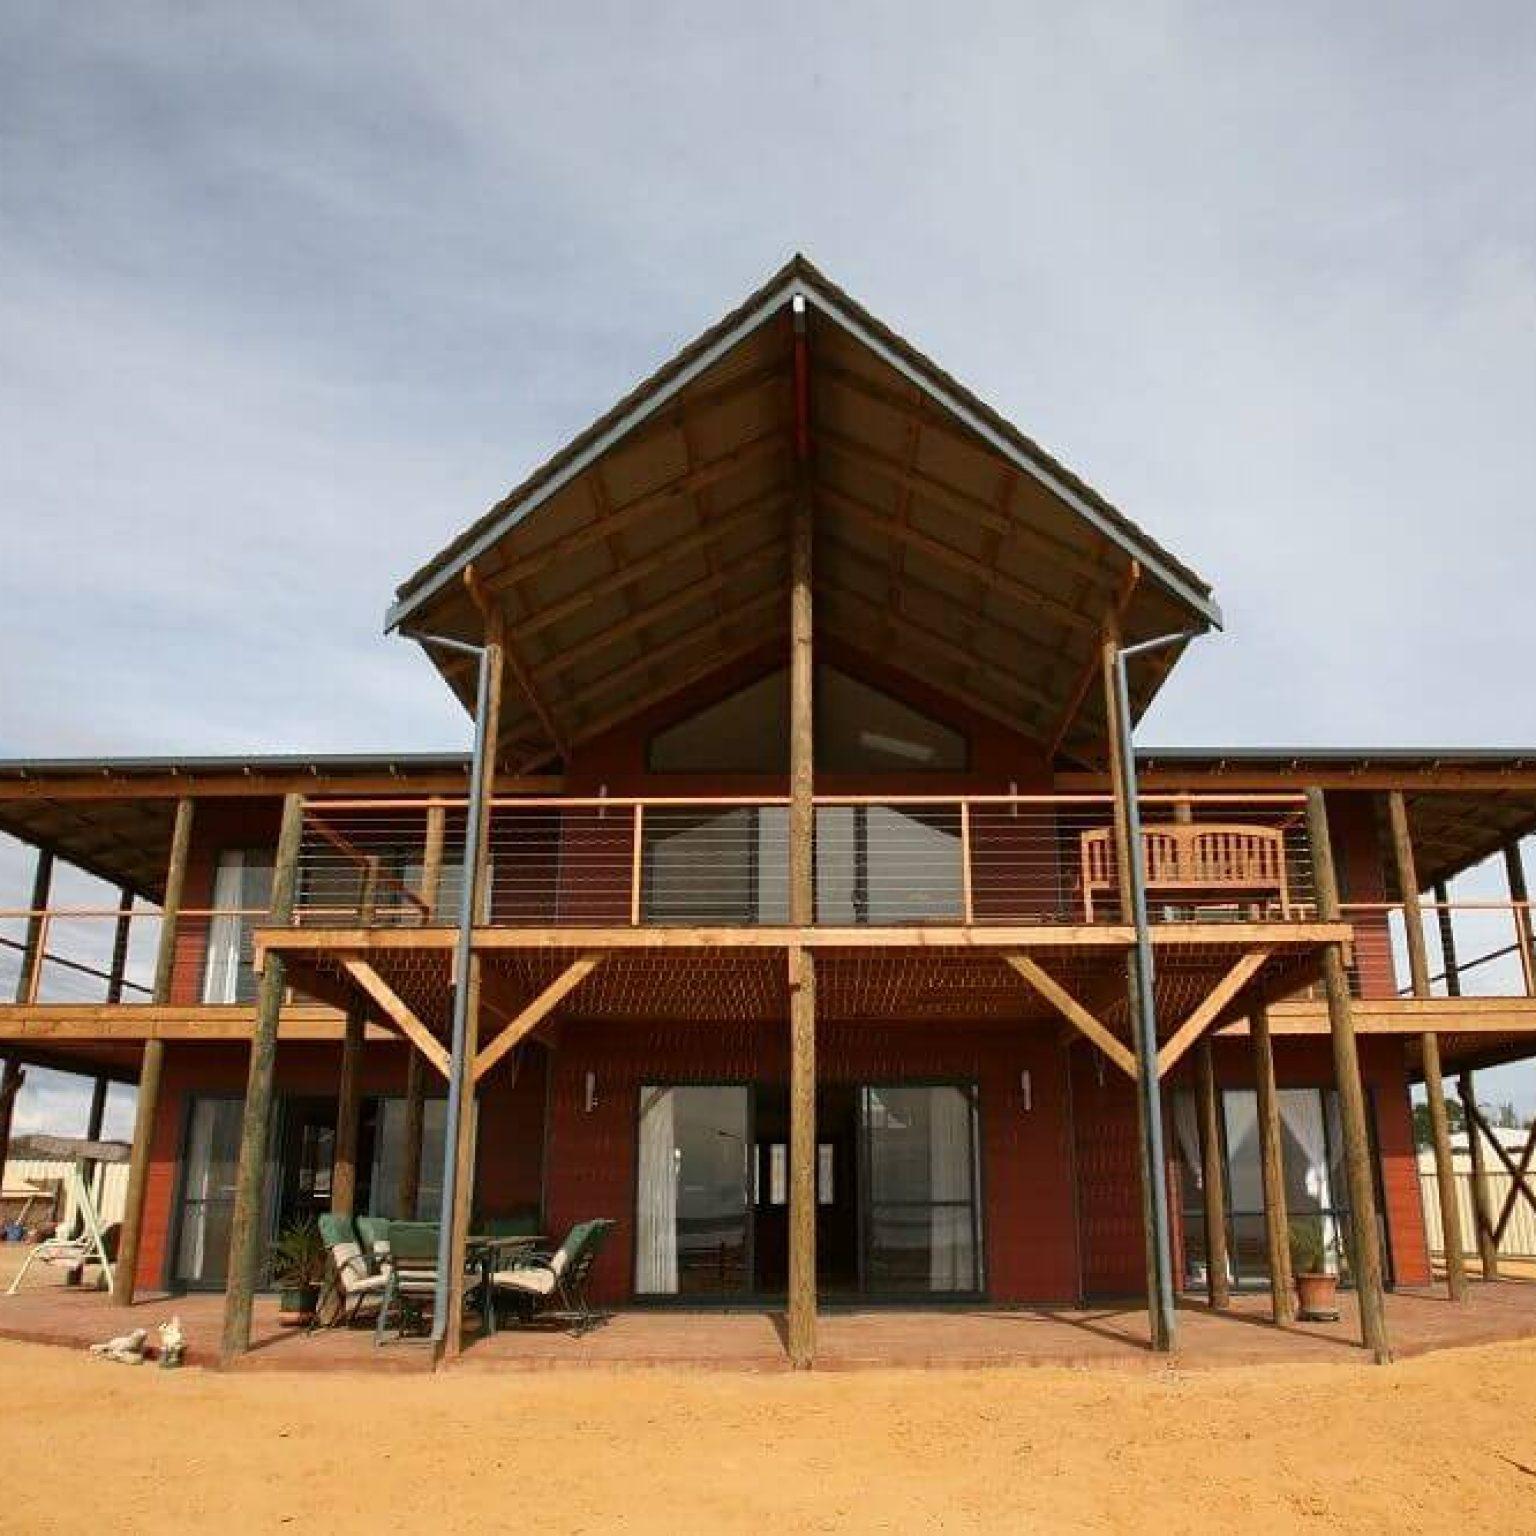 Custom built timber frame home in Kalbarri, Western Australia.